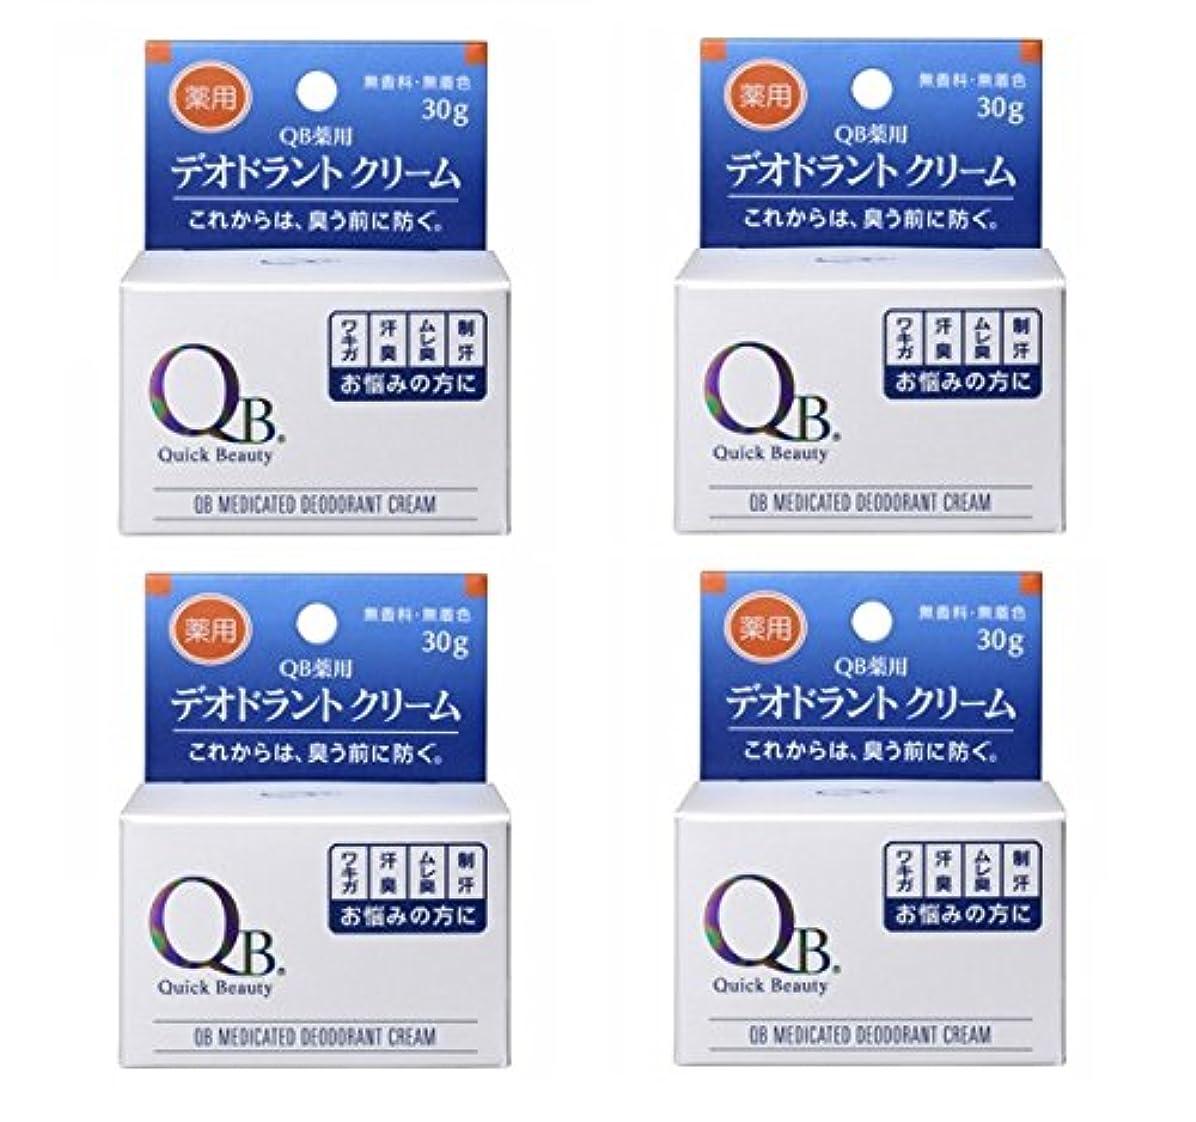 壁紙案件トラブル【×4個】 QB 薬用デオドラントクリーム 30g 【国内正規品】